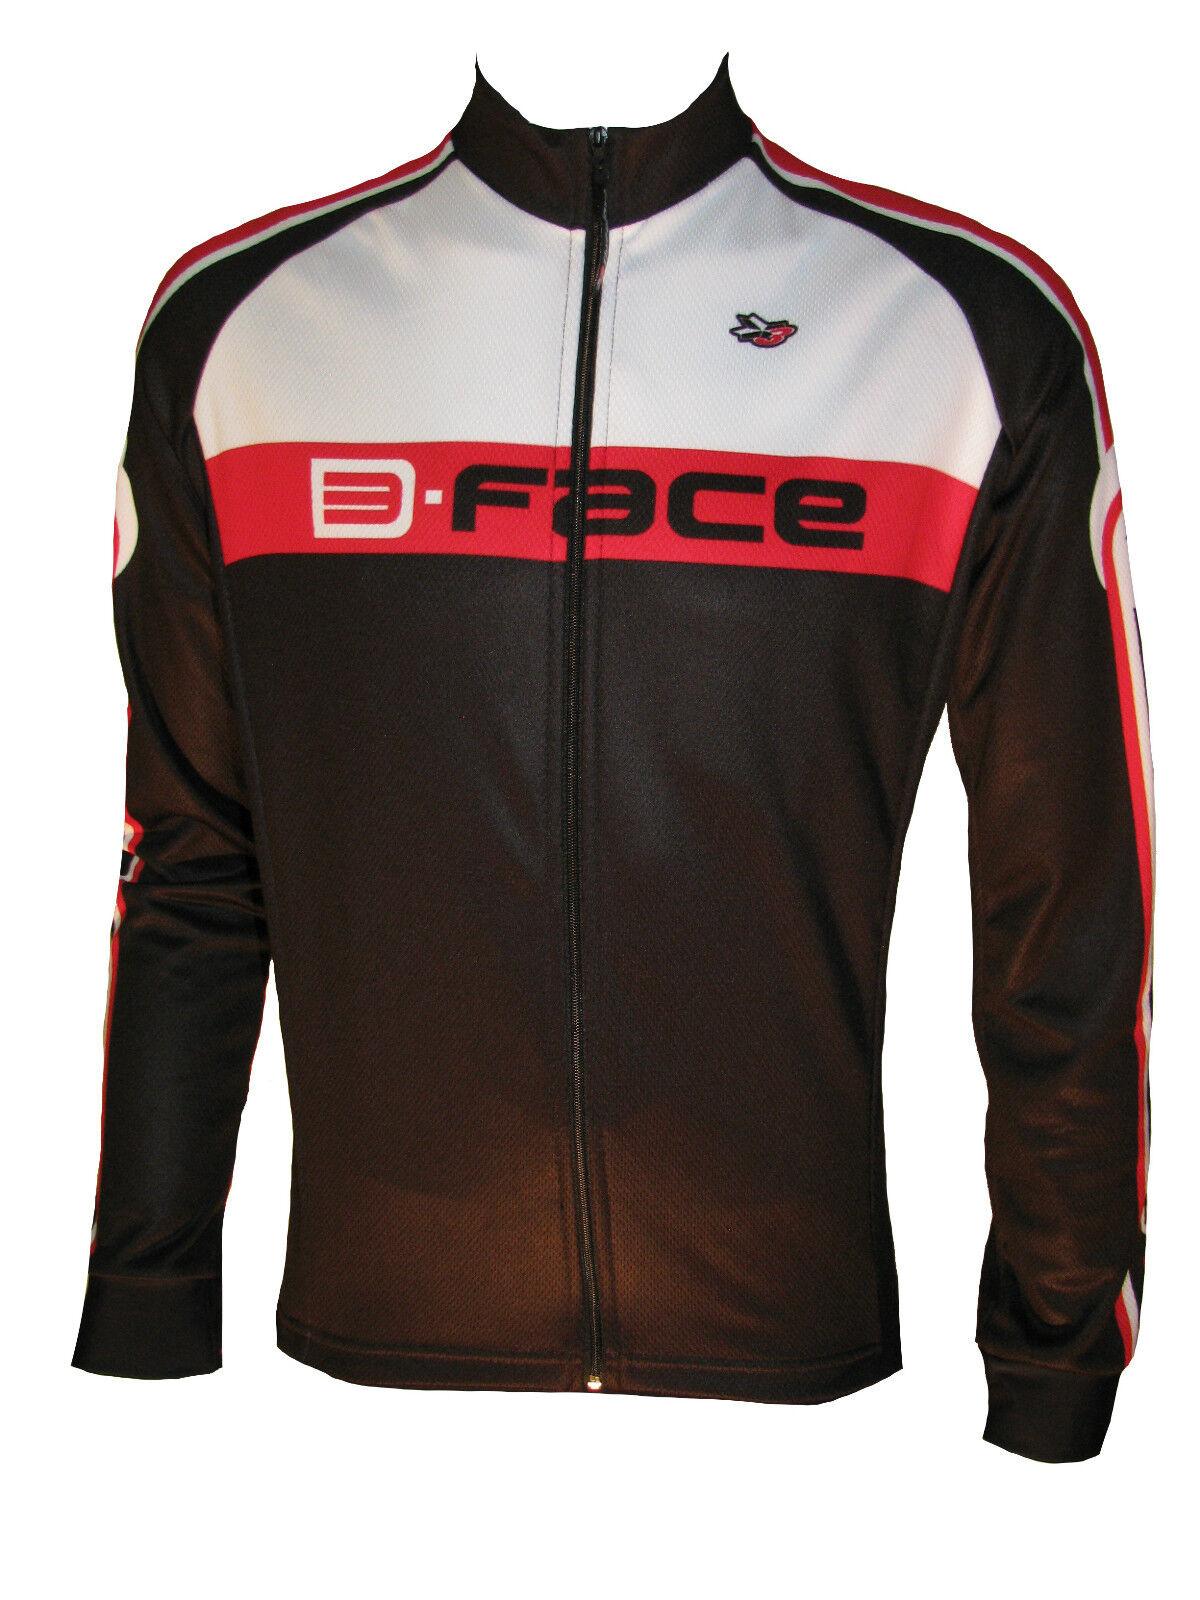 Maglia manica lunga ciclismo termica traspirante giacca leggera rot autunno